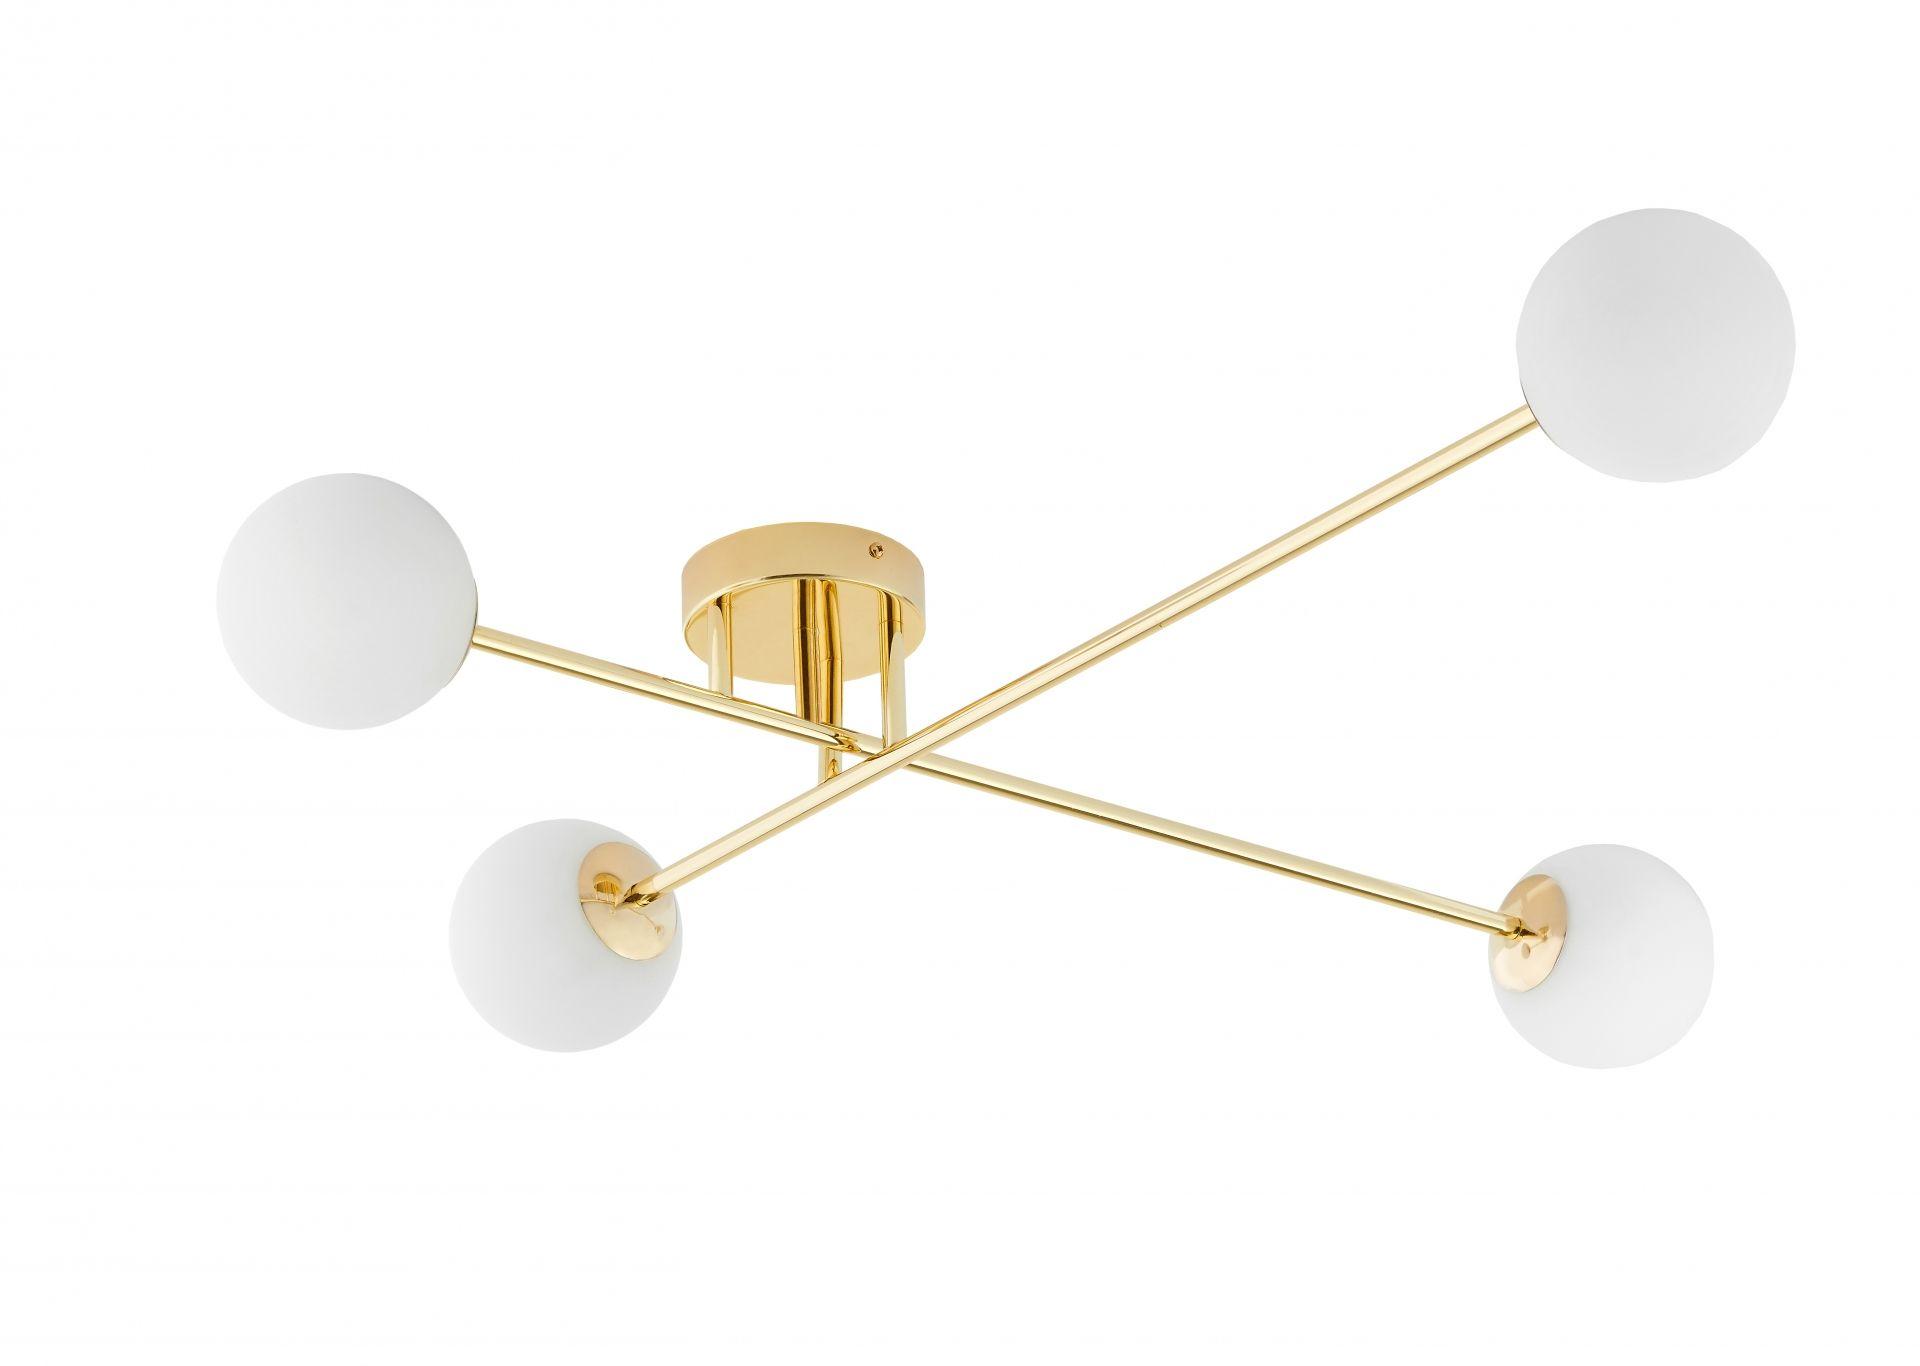 Plafon Astra 10771405 KASPA nowoczesna złota oprawa sufitowa